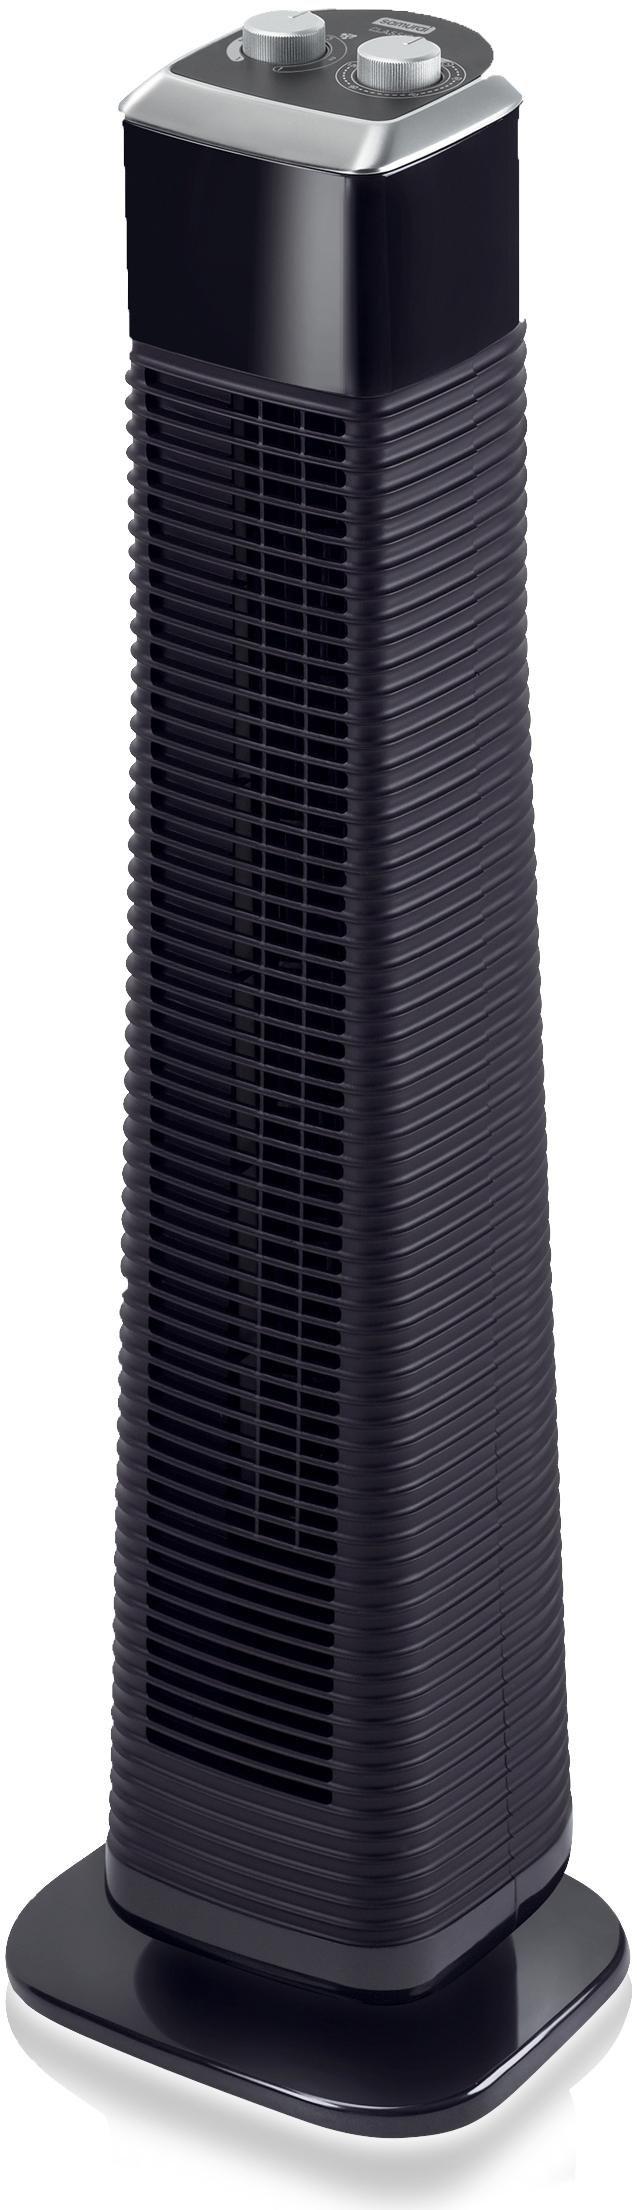 Op zoek naar een Rowenta torenventilator CLASSIC TOWER VU6140? Koop online bij OTTO